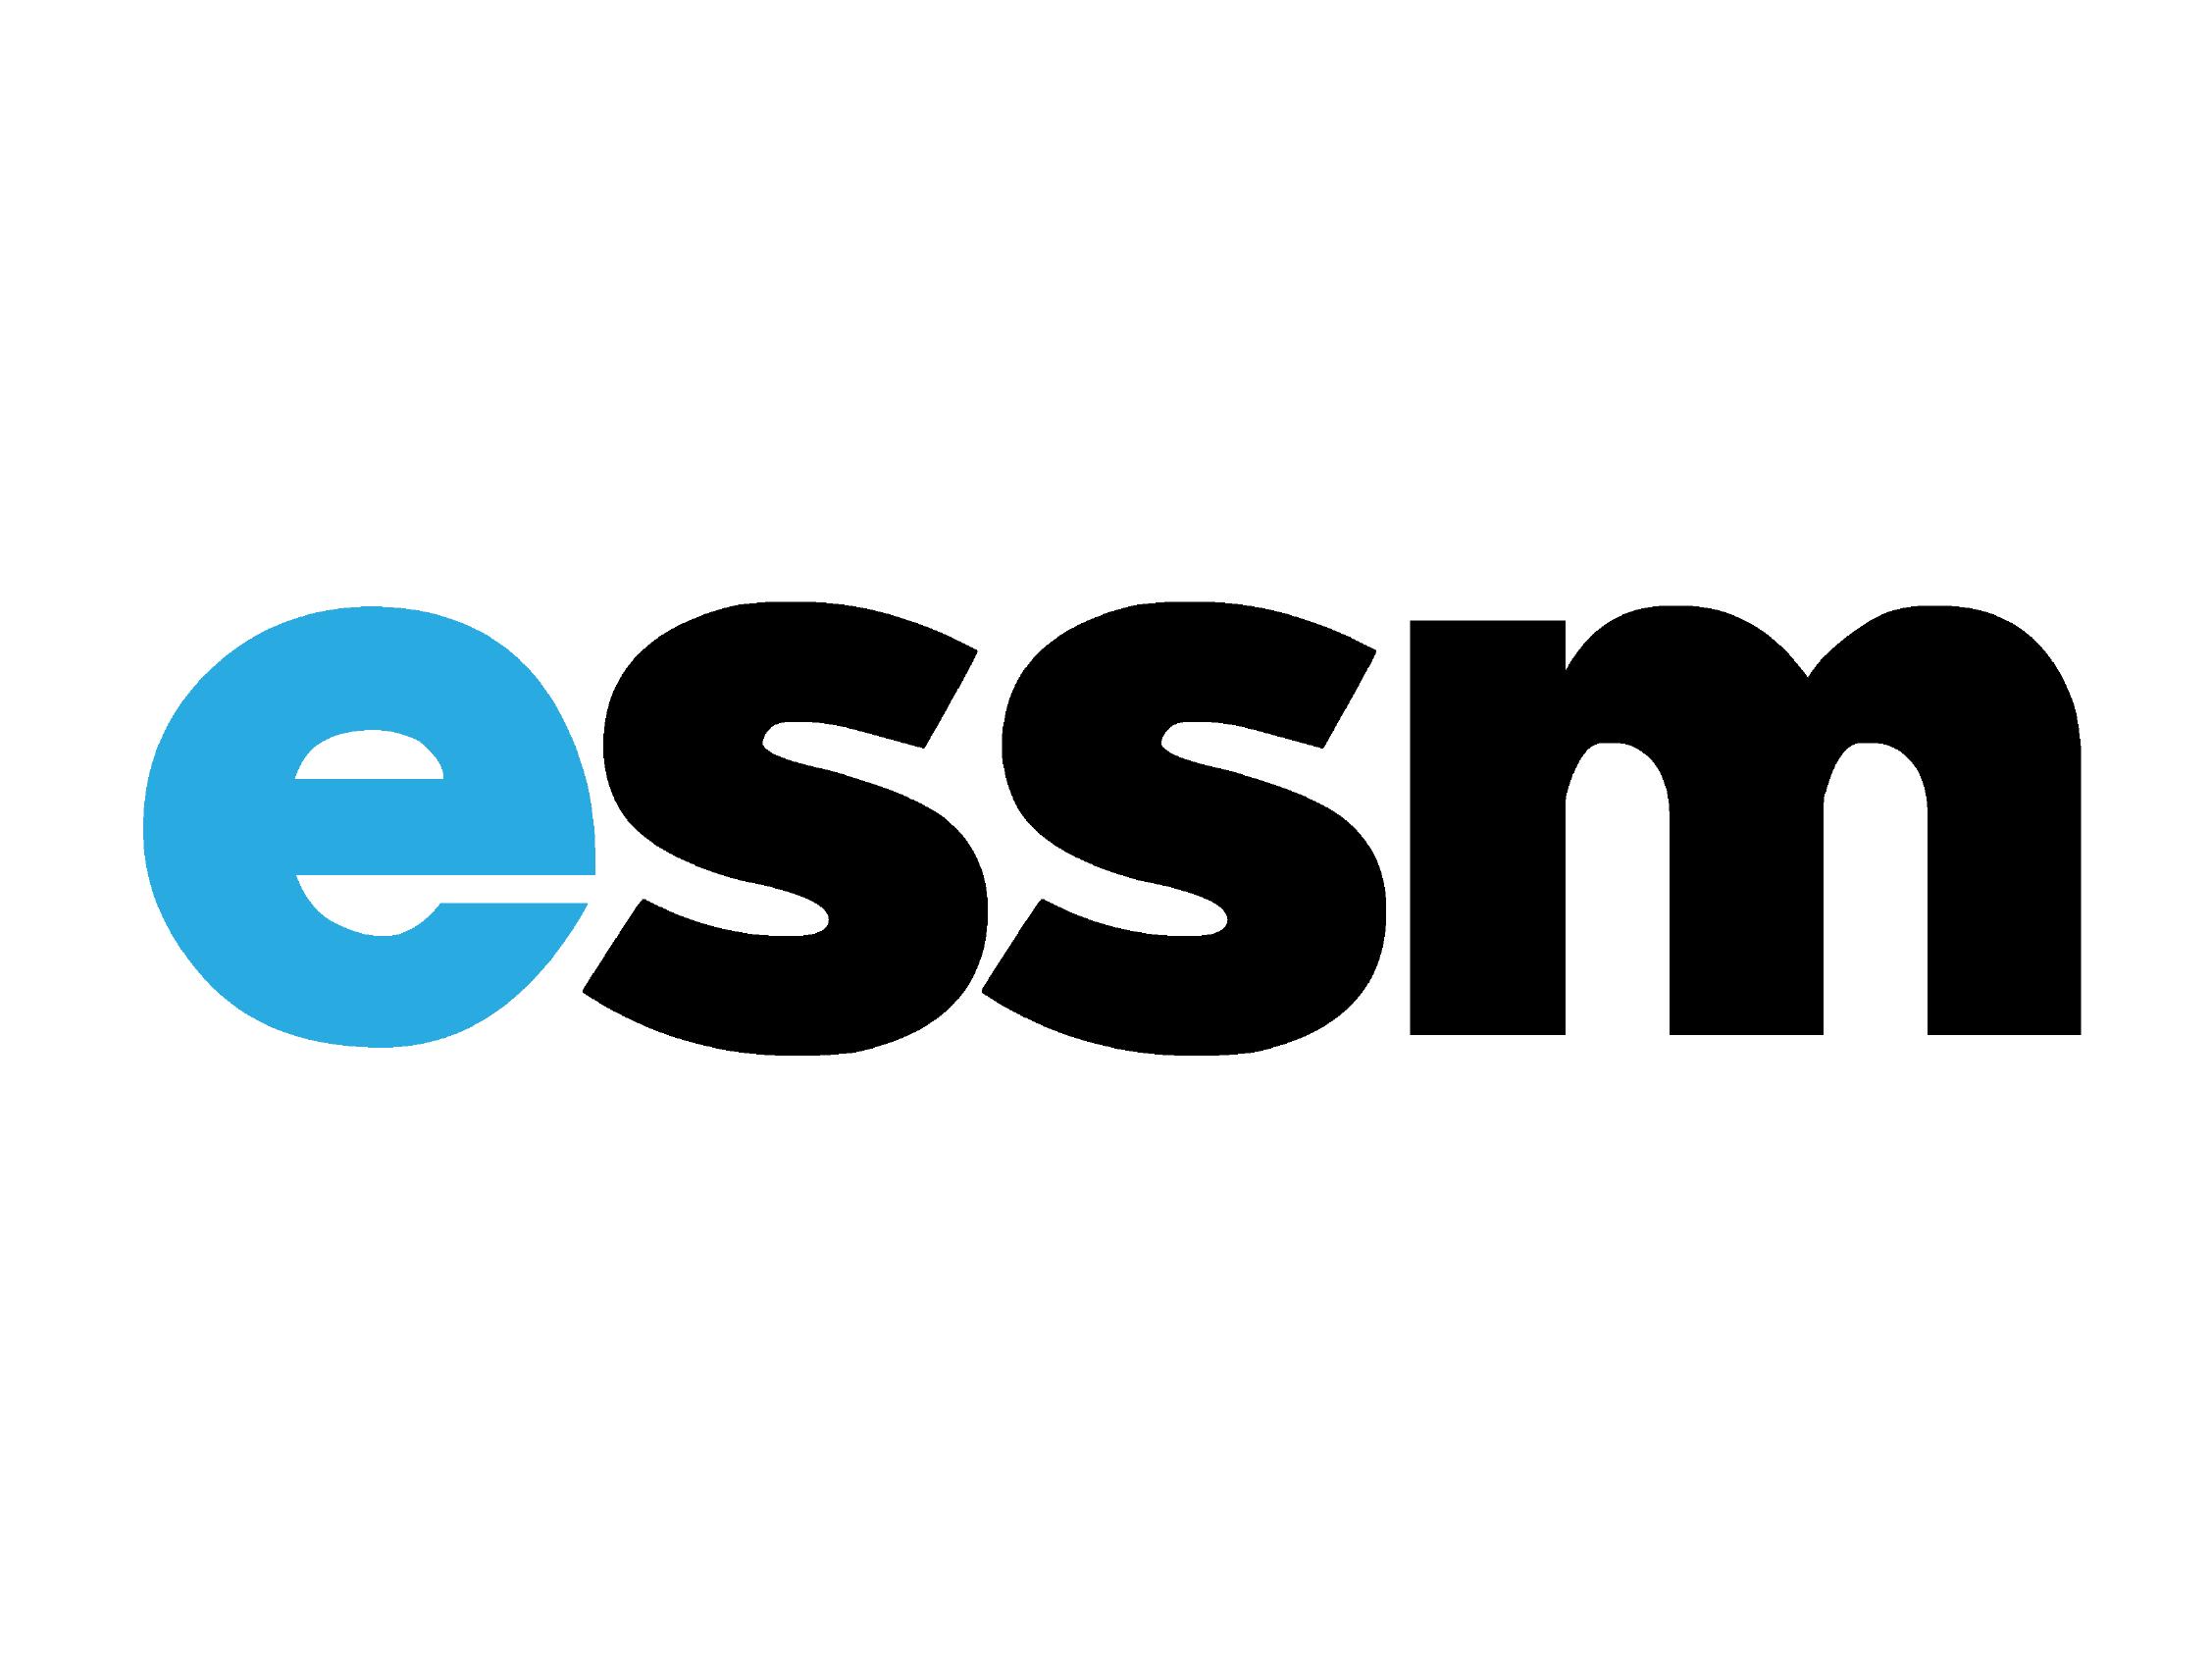 essmtx